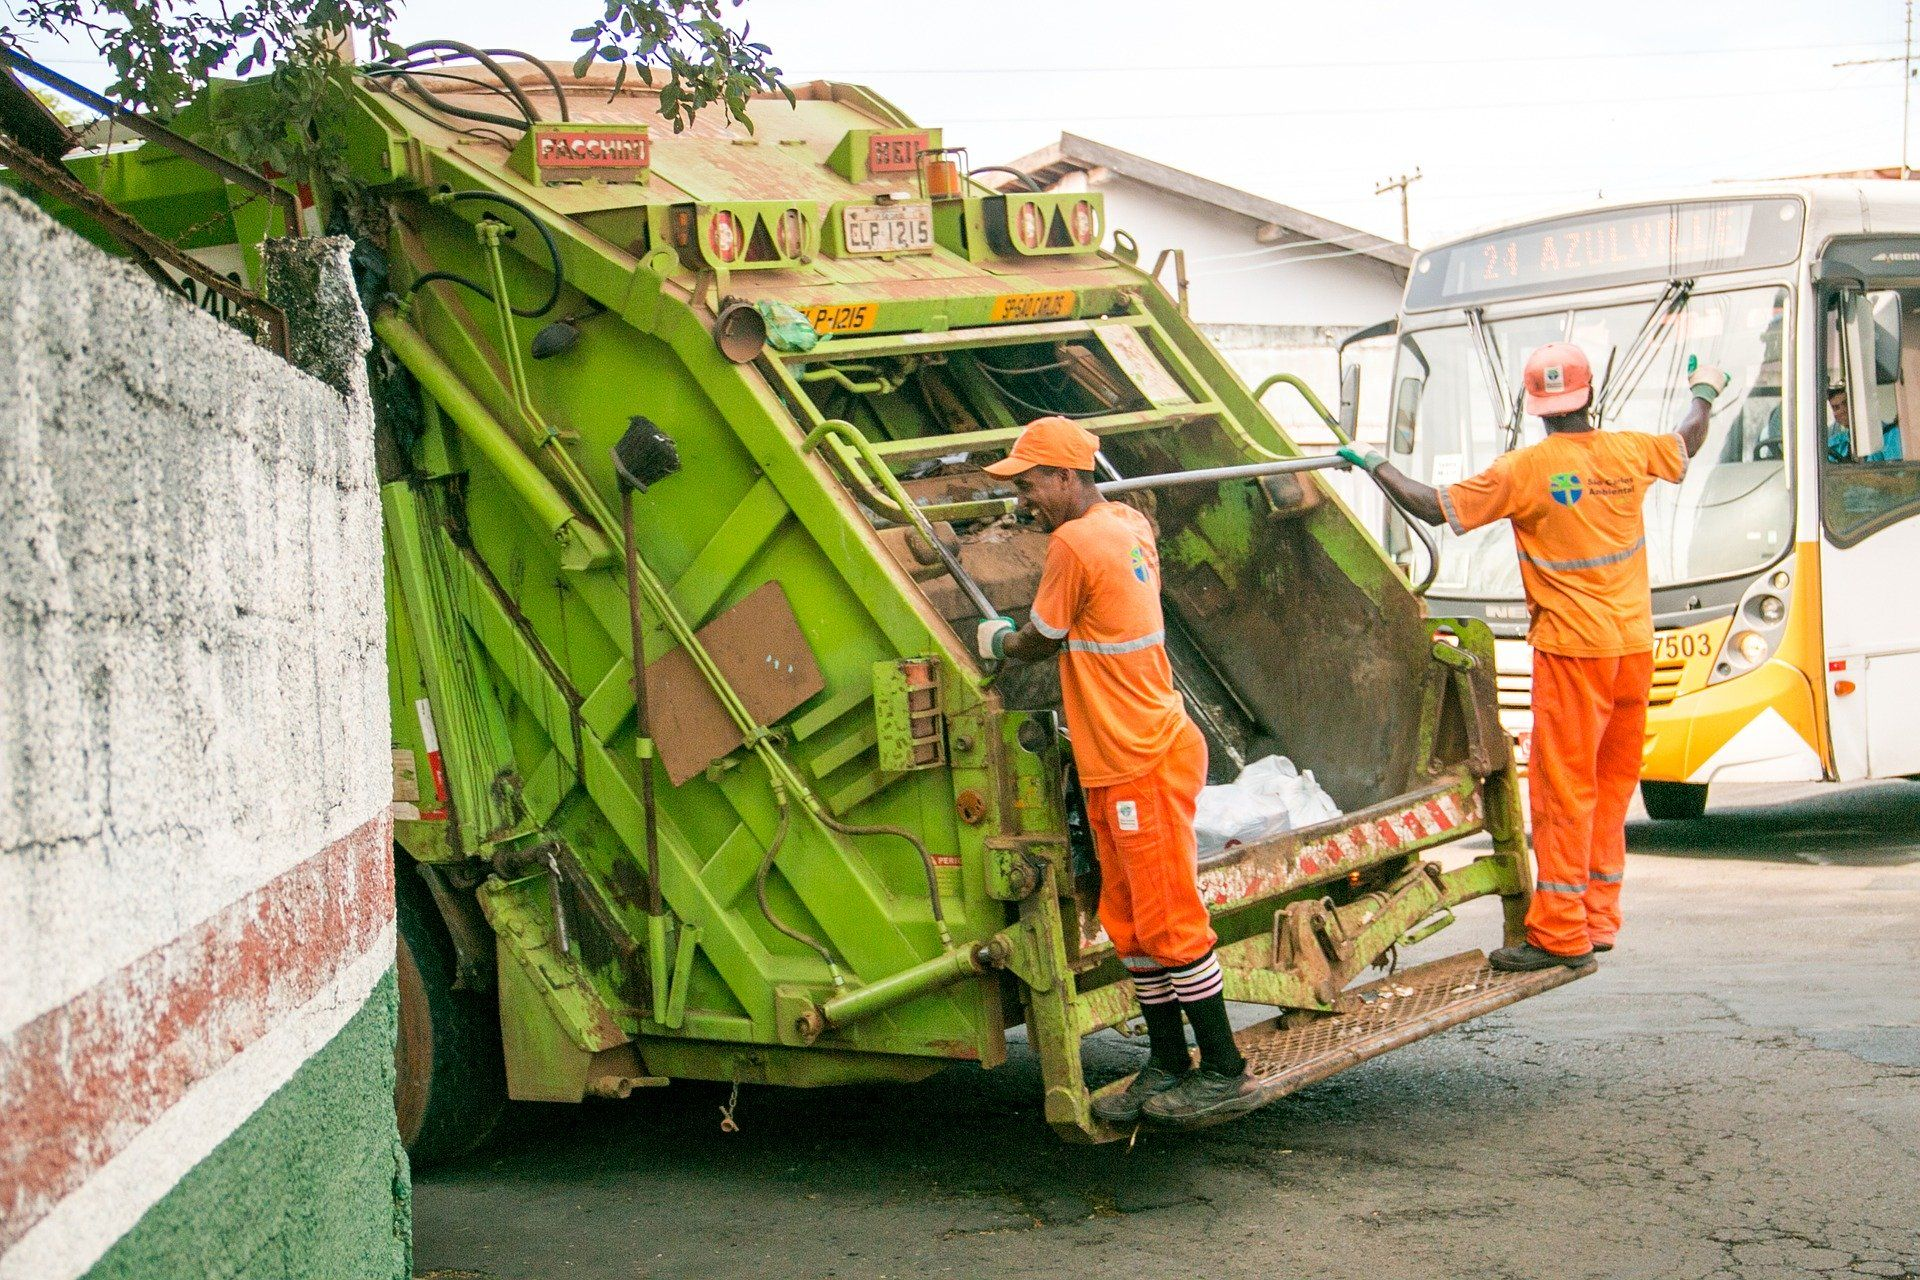 #vuilnisheld